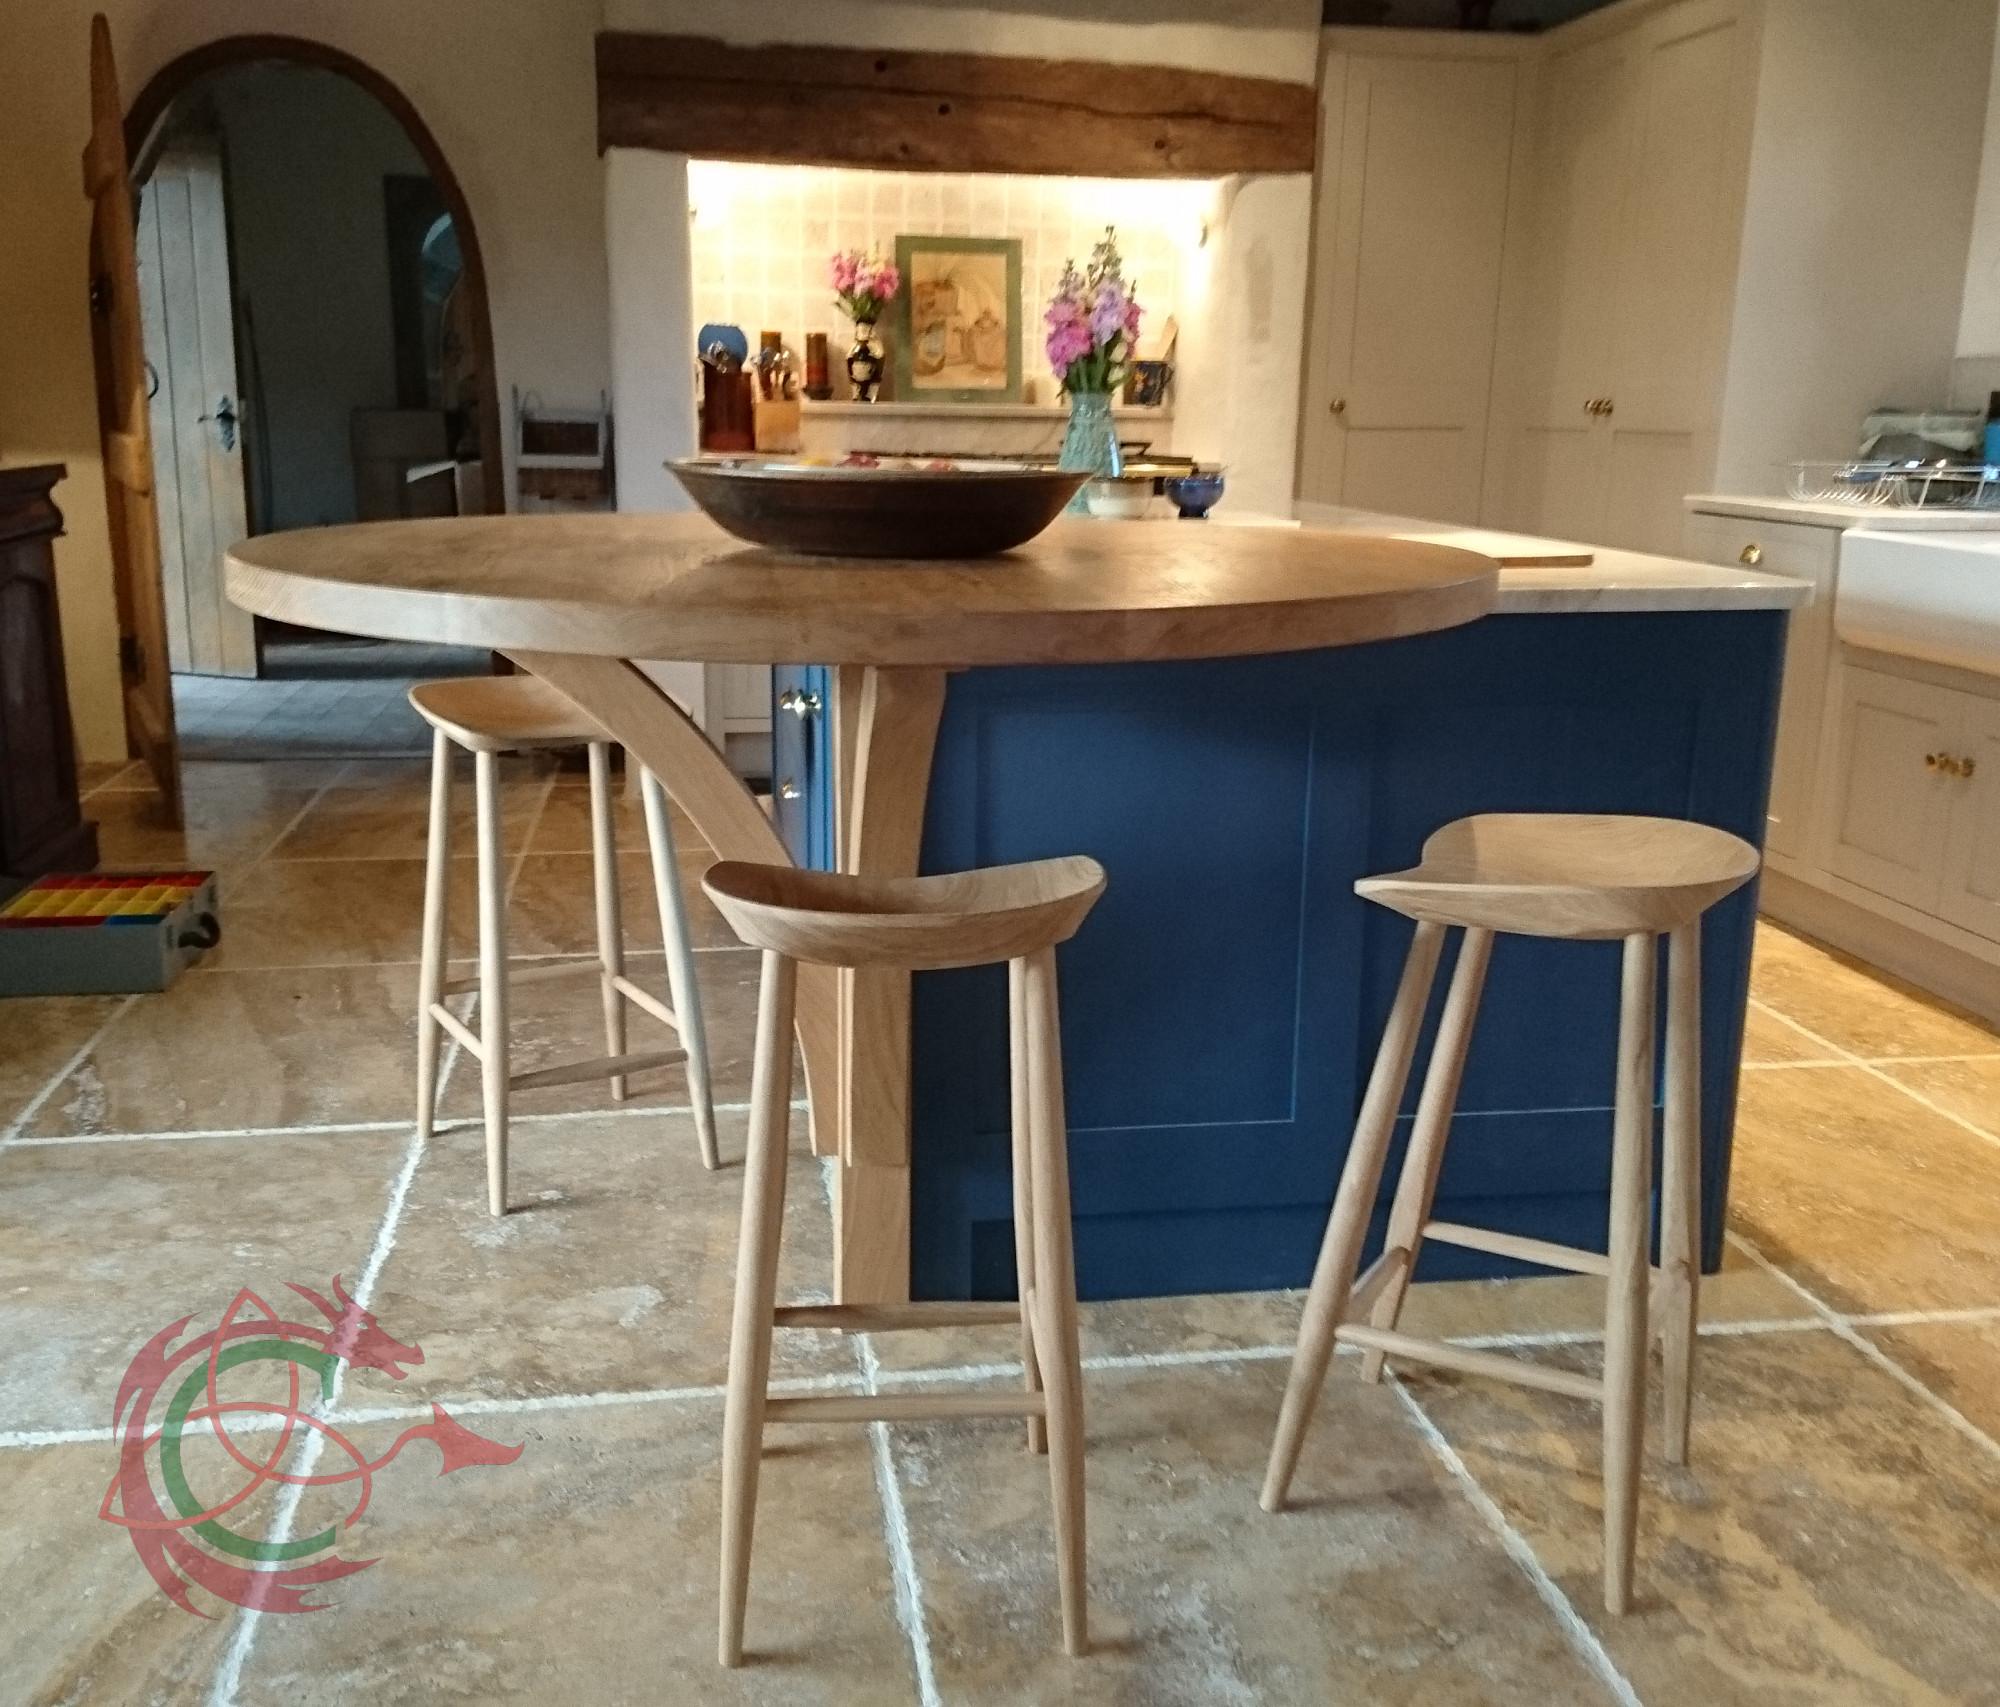 Breakfast bar in solid oak, kitchen island, stools